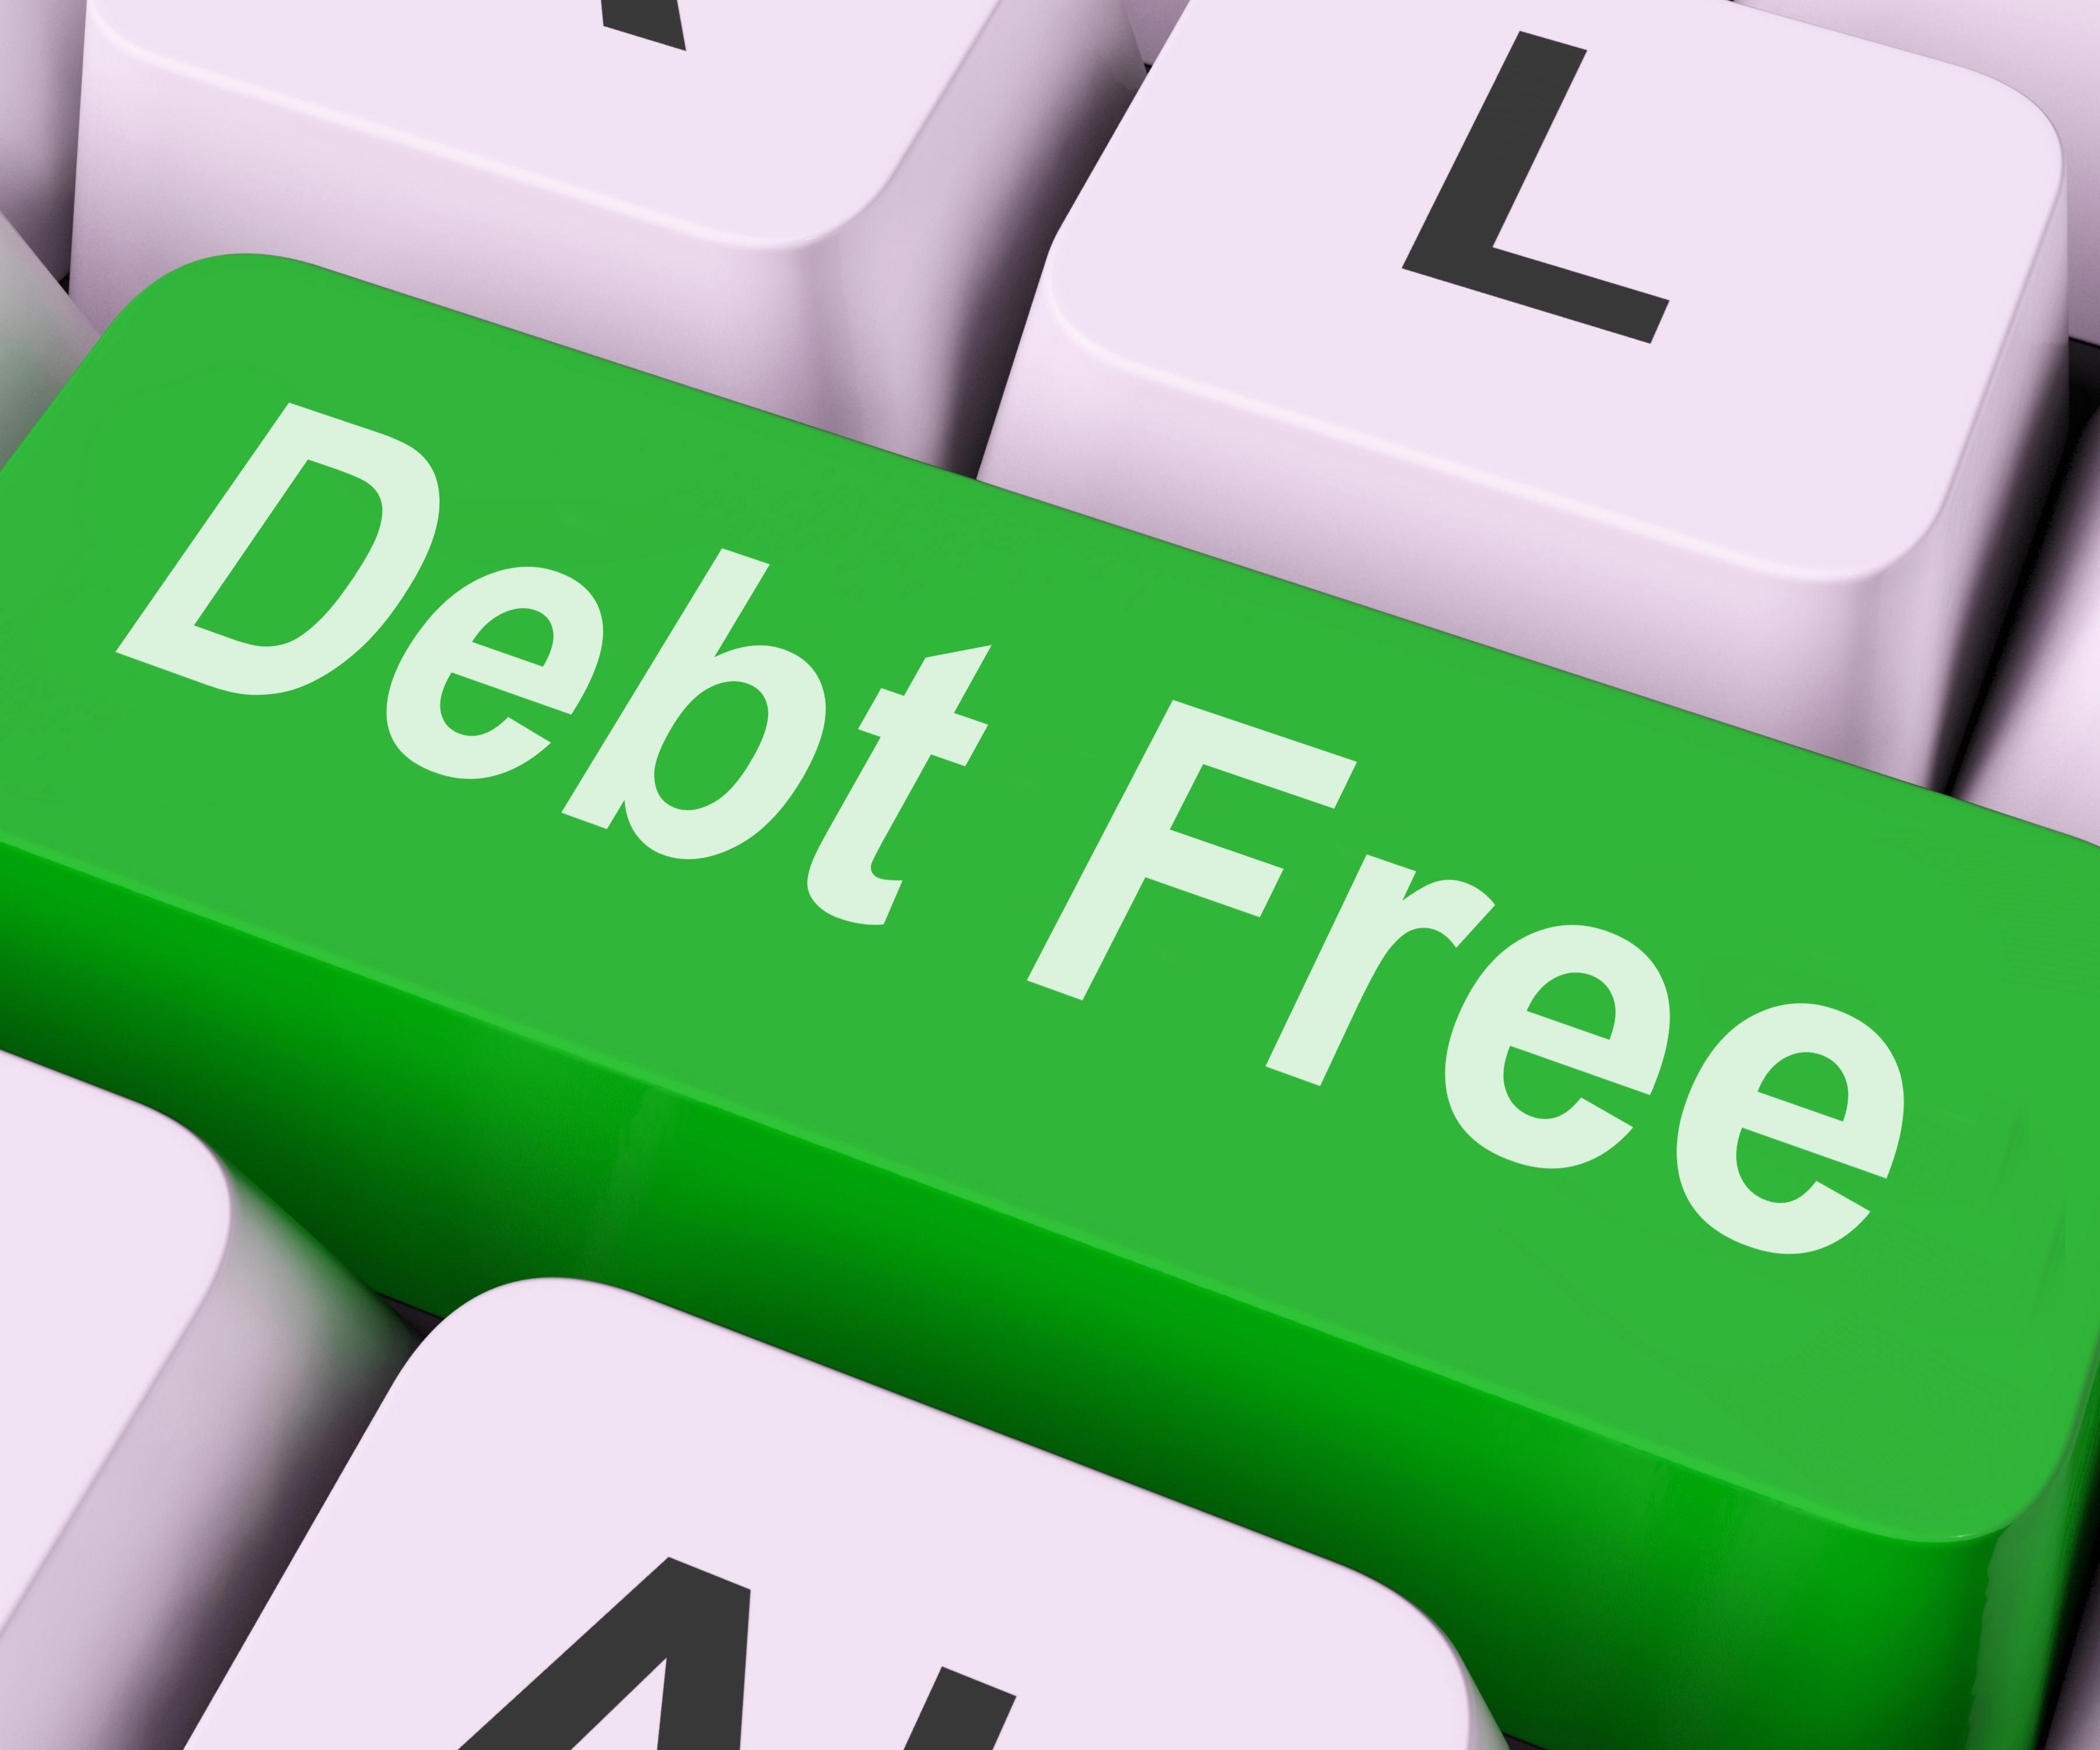 liberté financière liberté financière Les 3 clés de la liberté financière !!! debt free key means financial freedom My46RQwu